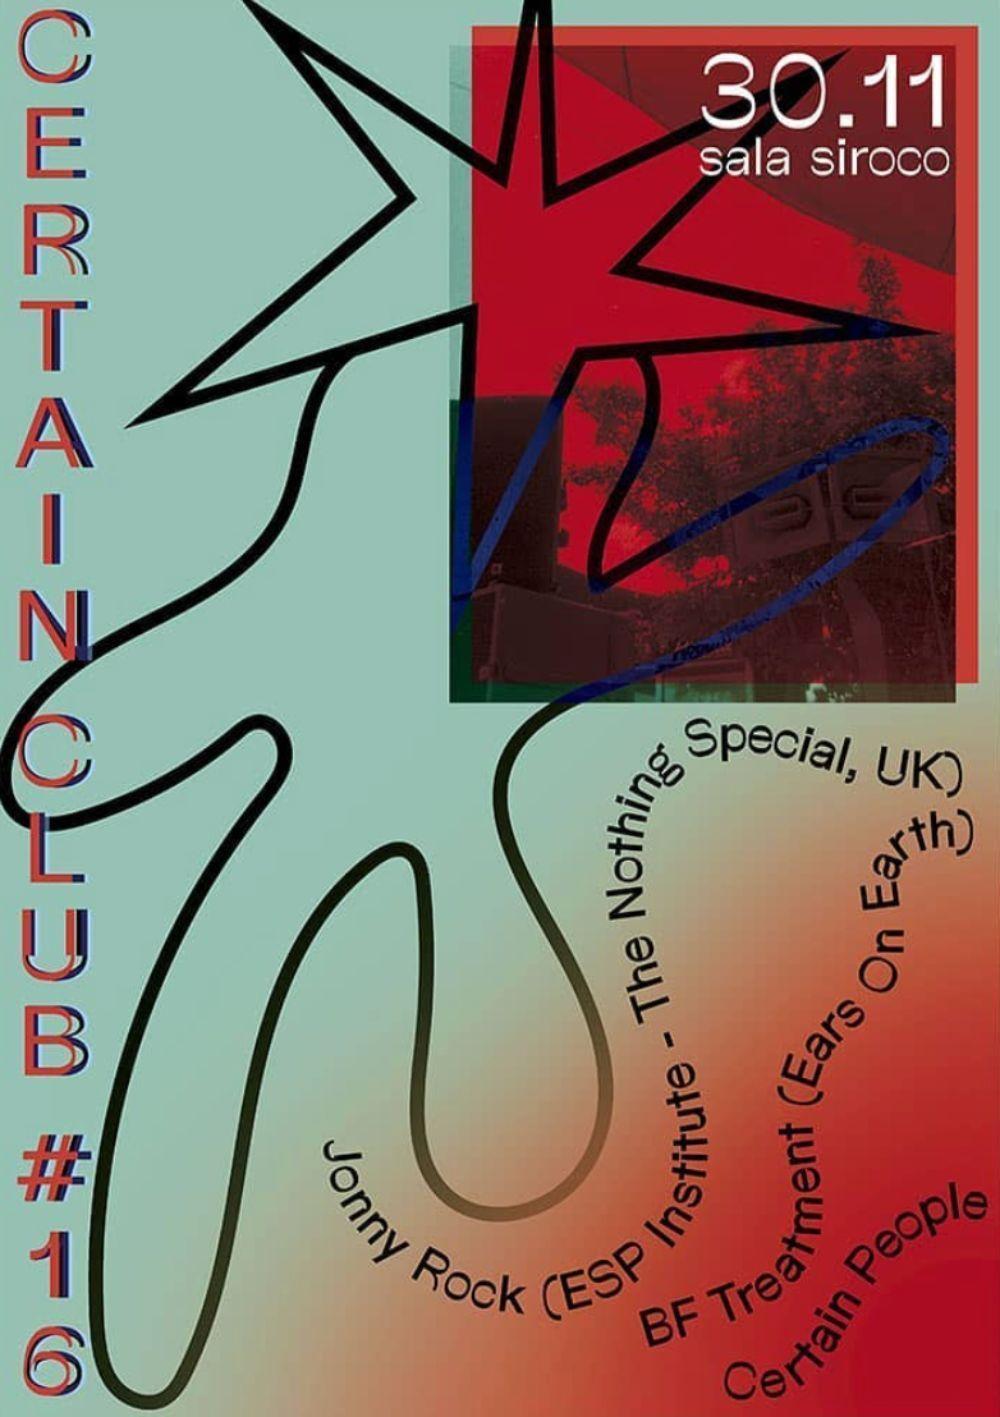 Certain Club